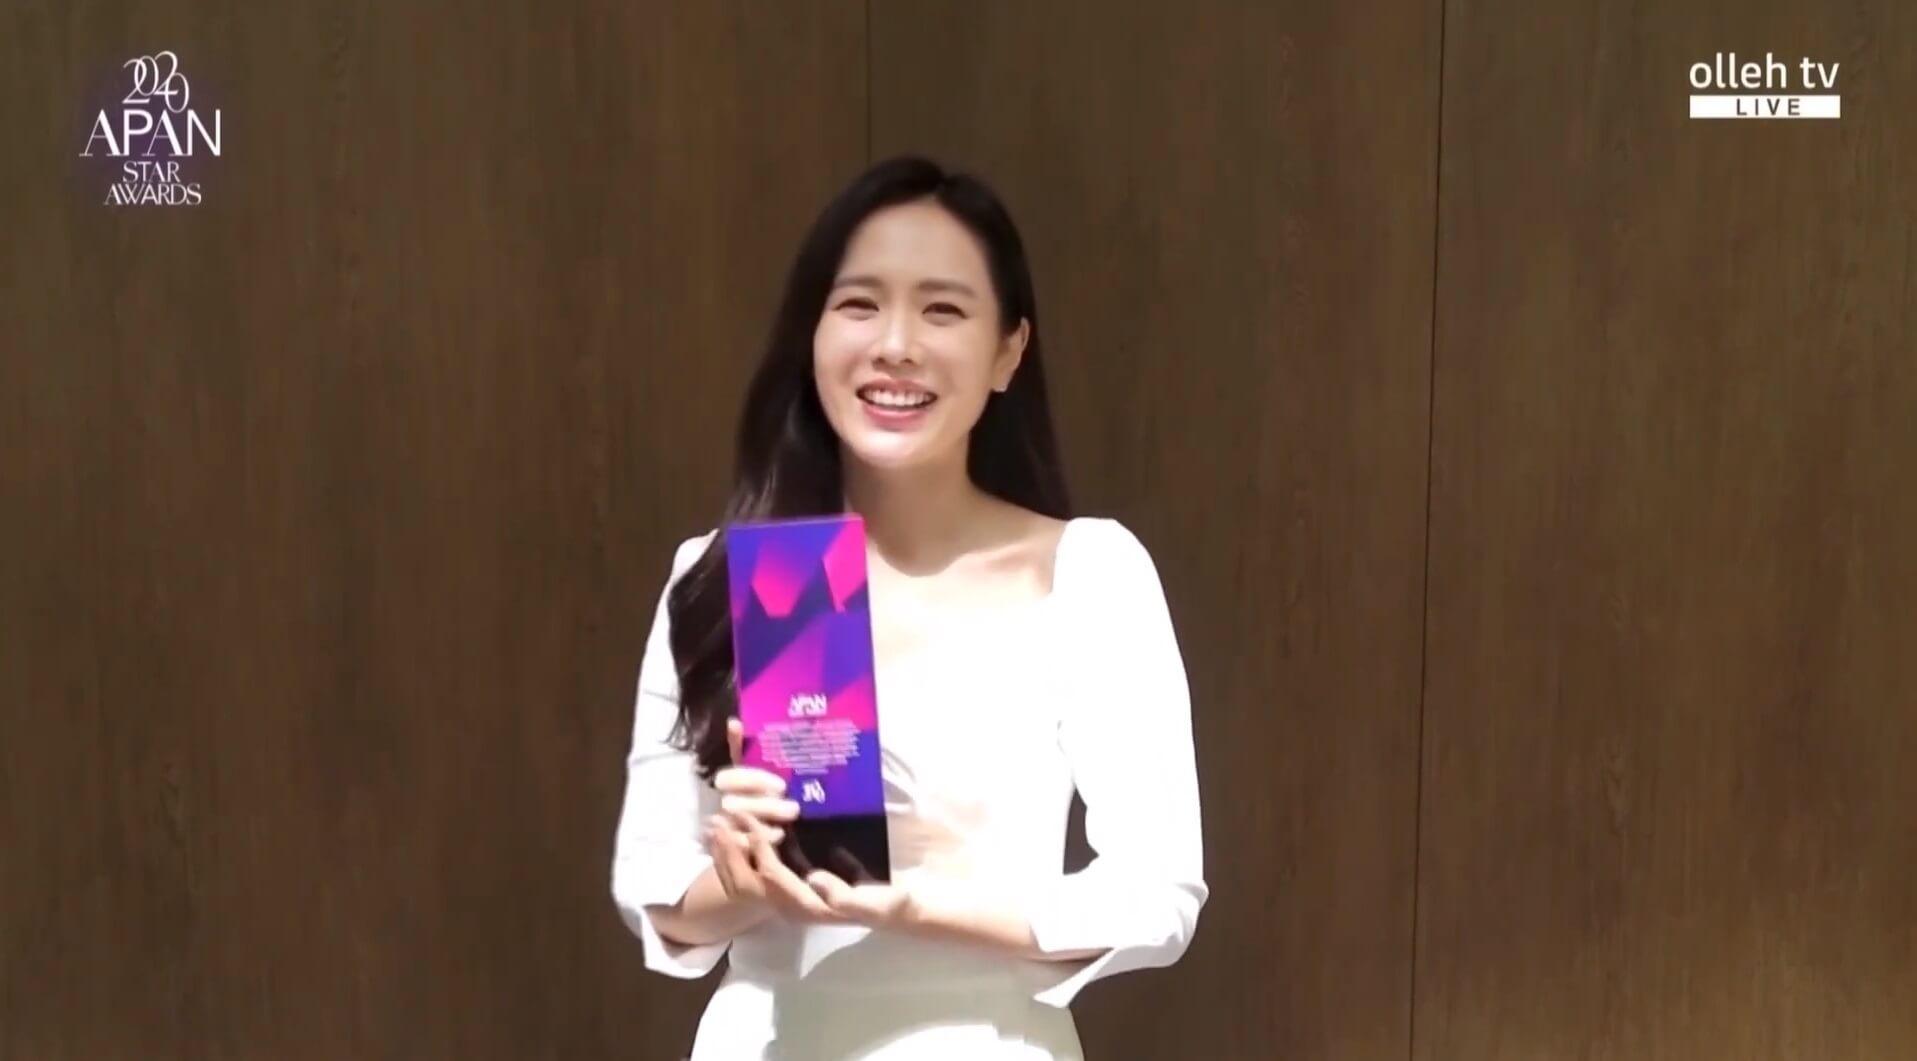 孫藝珍獲得「KT Seezn明星獎」,錄下短片分享感受。